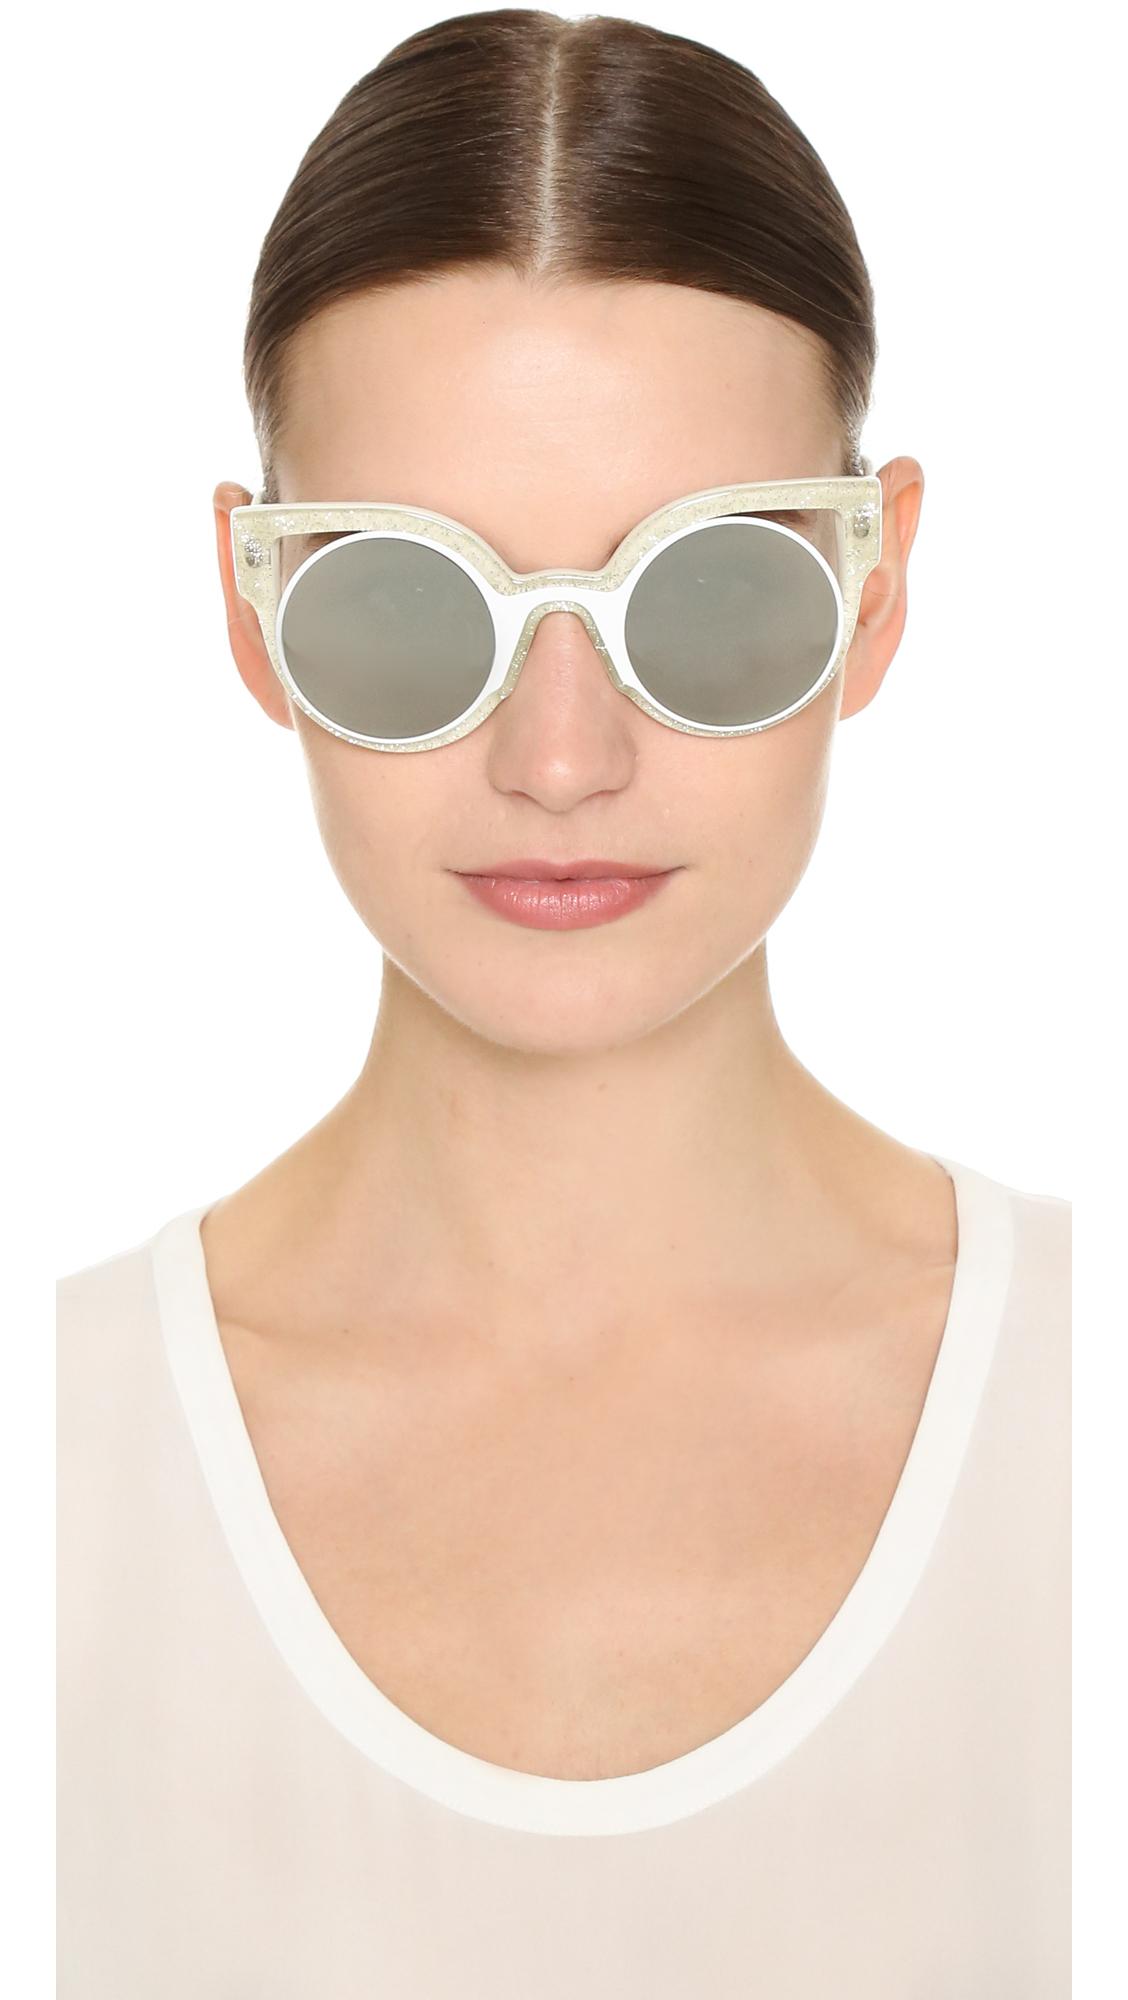 3a1e346c3a Lyst - Fendi Round Cutout Sunglasses in White